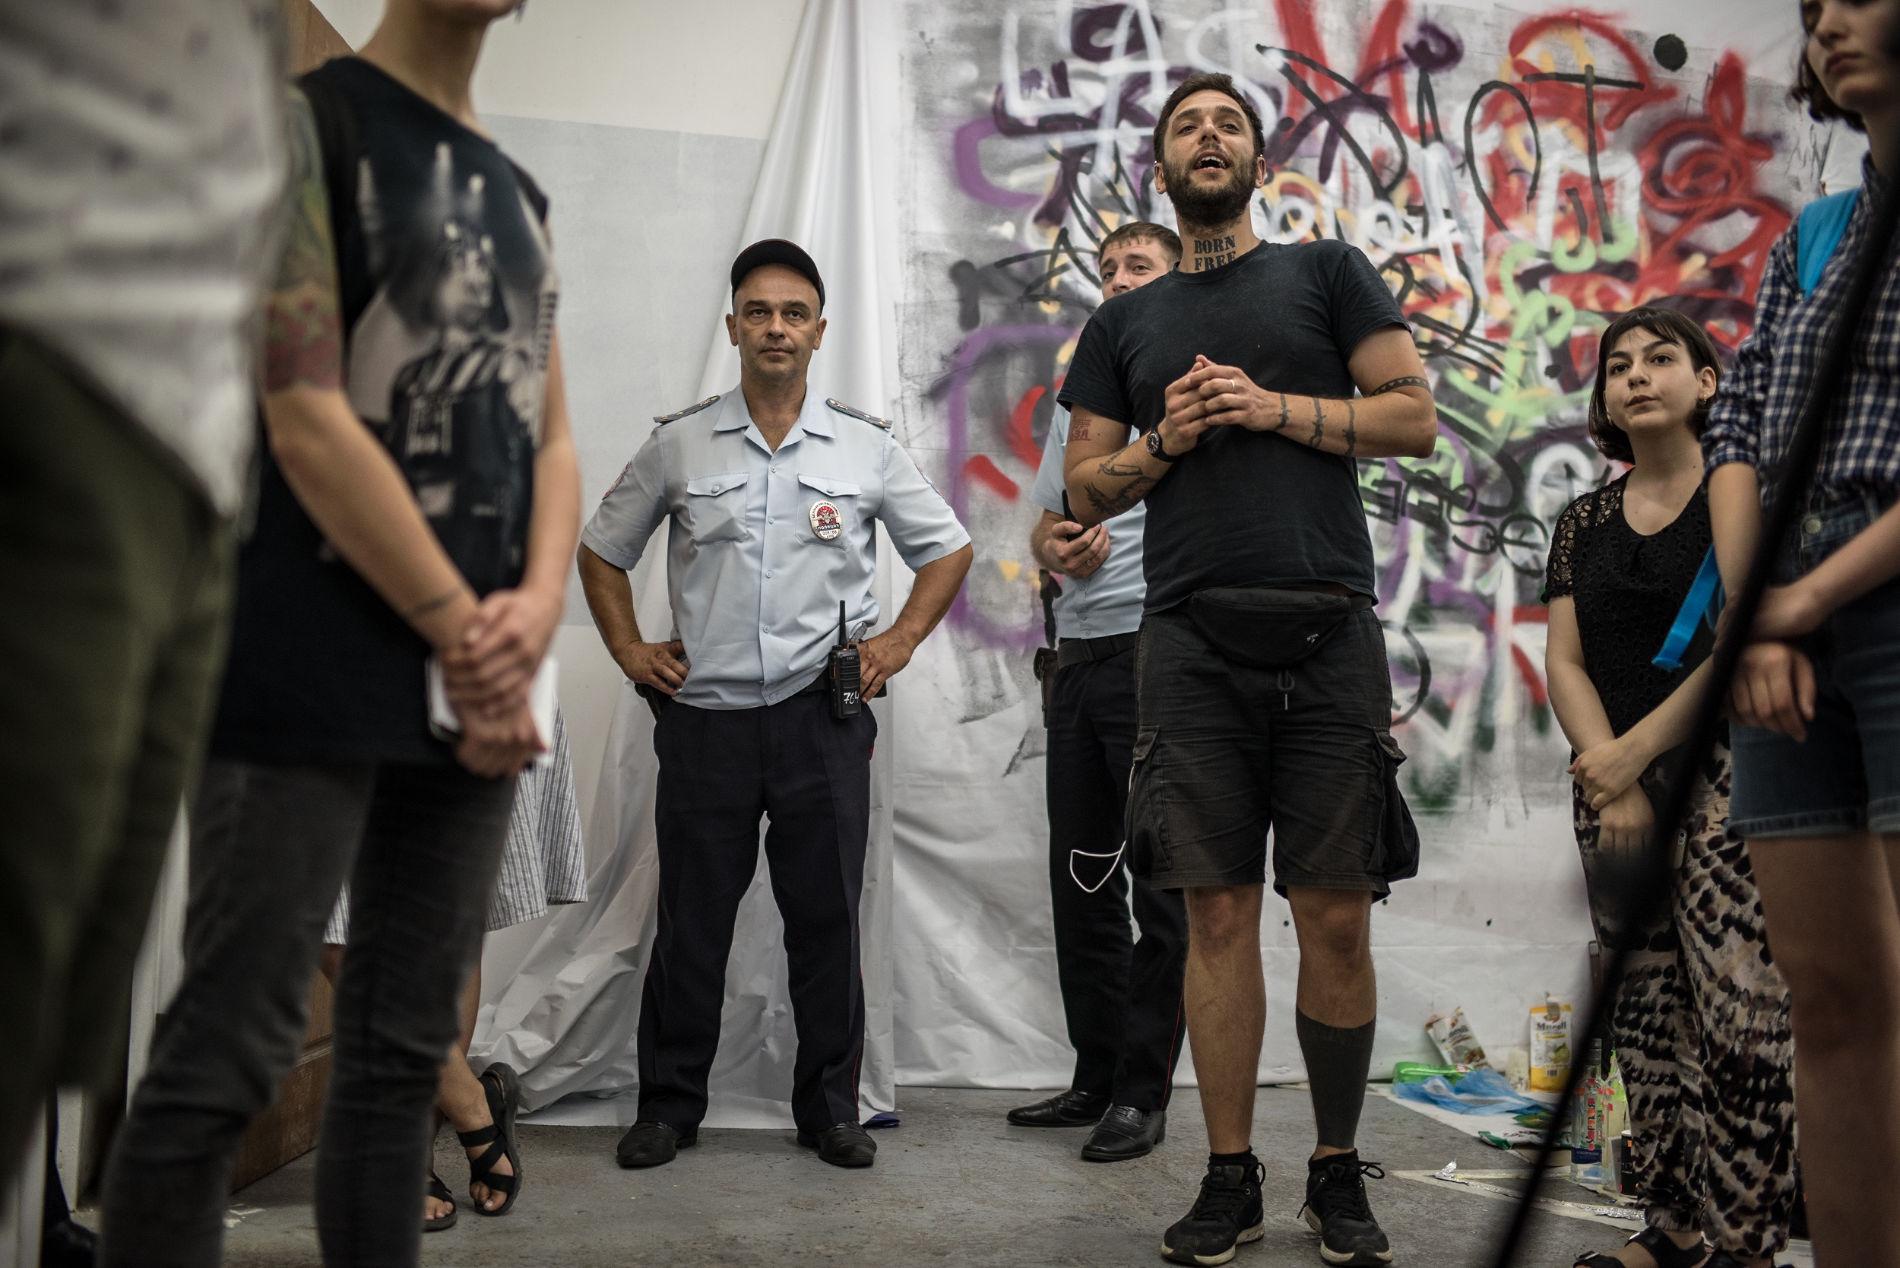 У Росії напали на головреда Moloko plus Павла Нікуліна та журналістку Софіко Аріфджанову, того ж дня поліція вилучила тираж видання